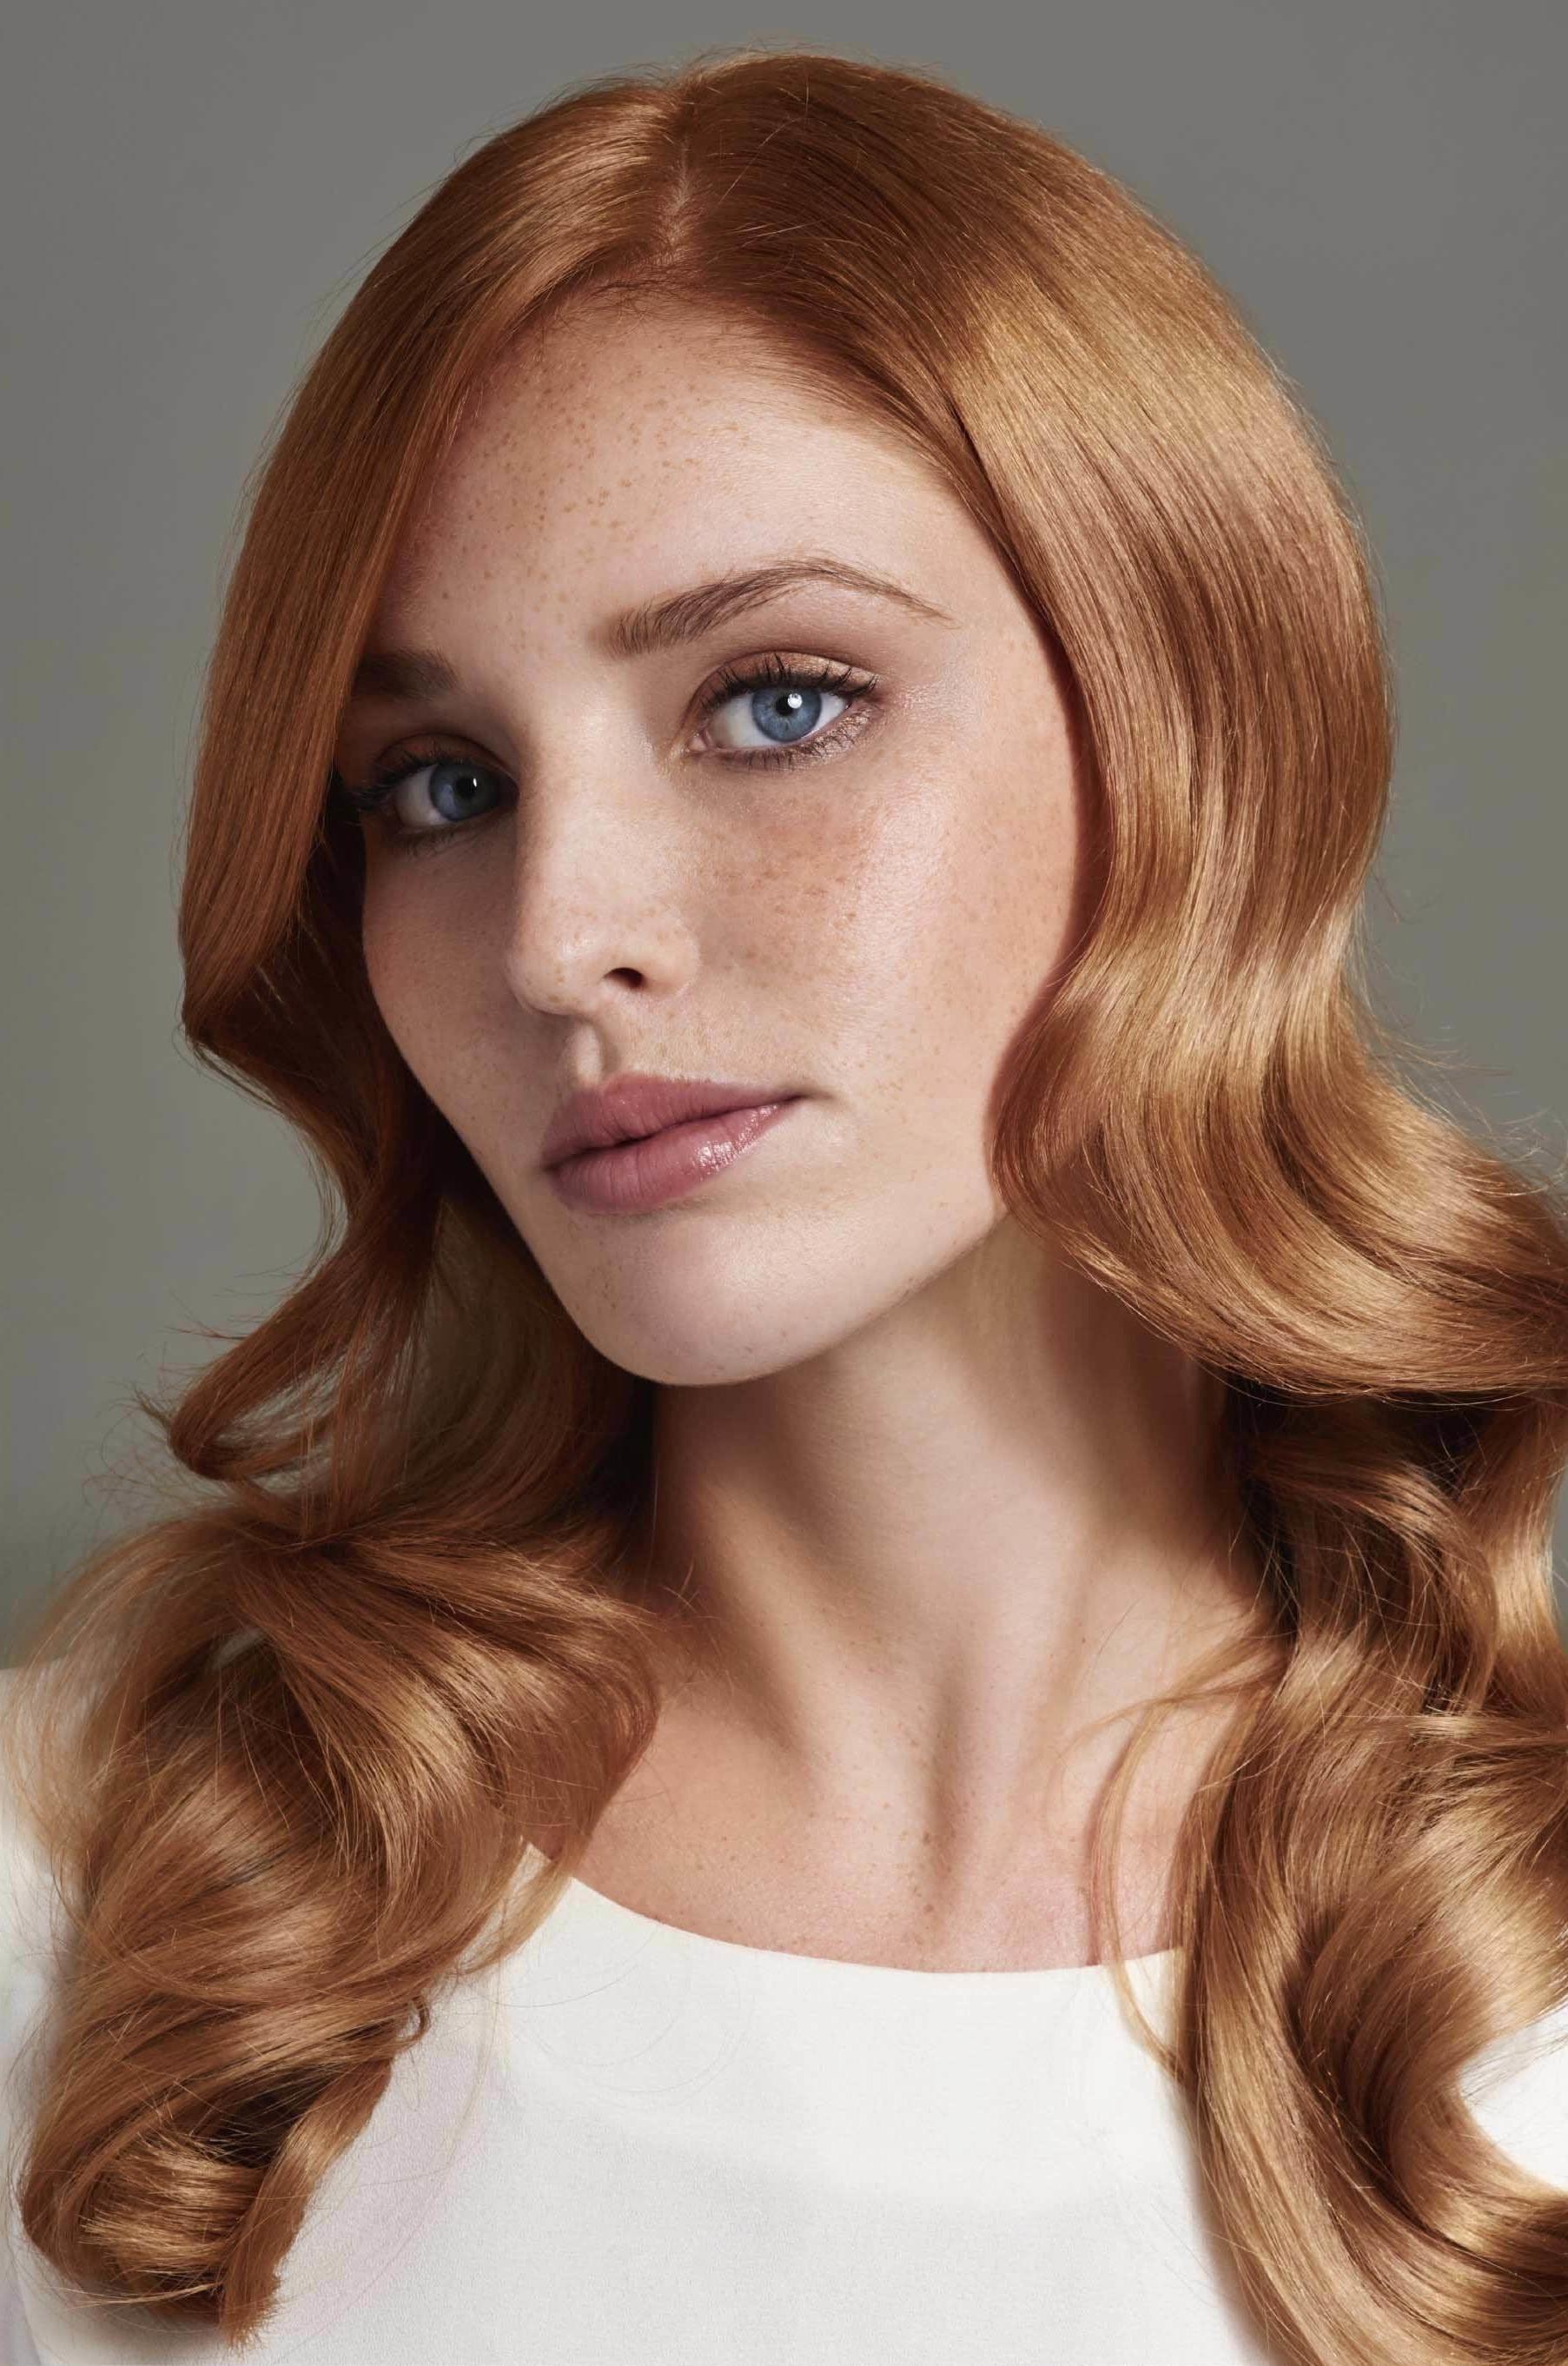 Erdbeerblond ist die neue blonde Haarfarbe